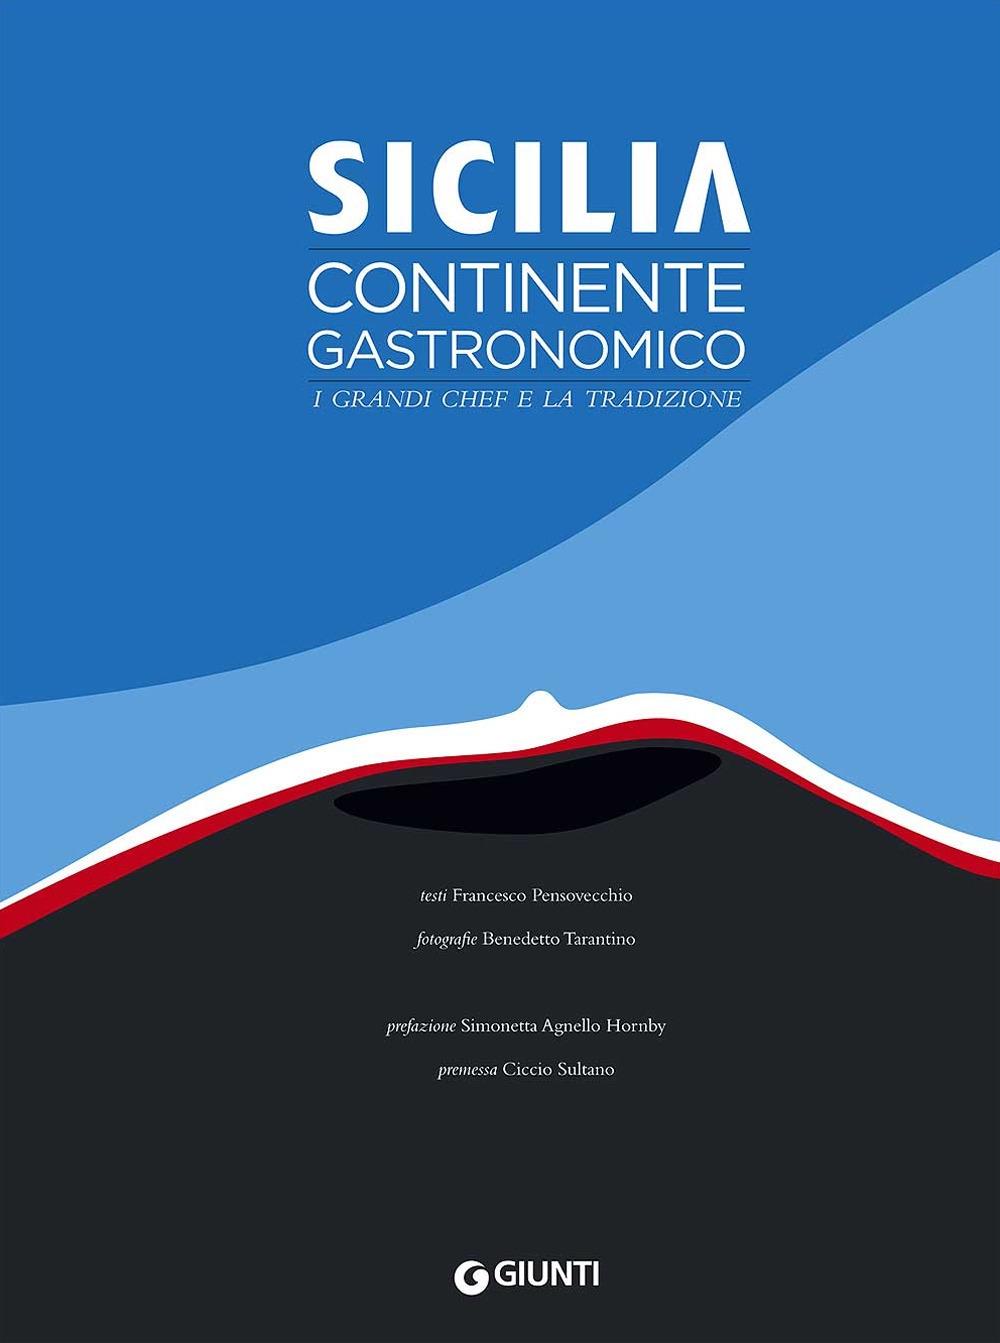 Sicilia. Continente gastronomico